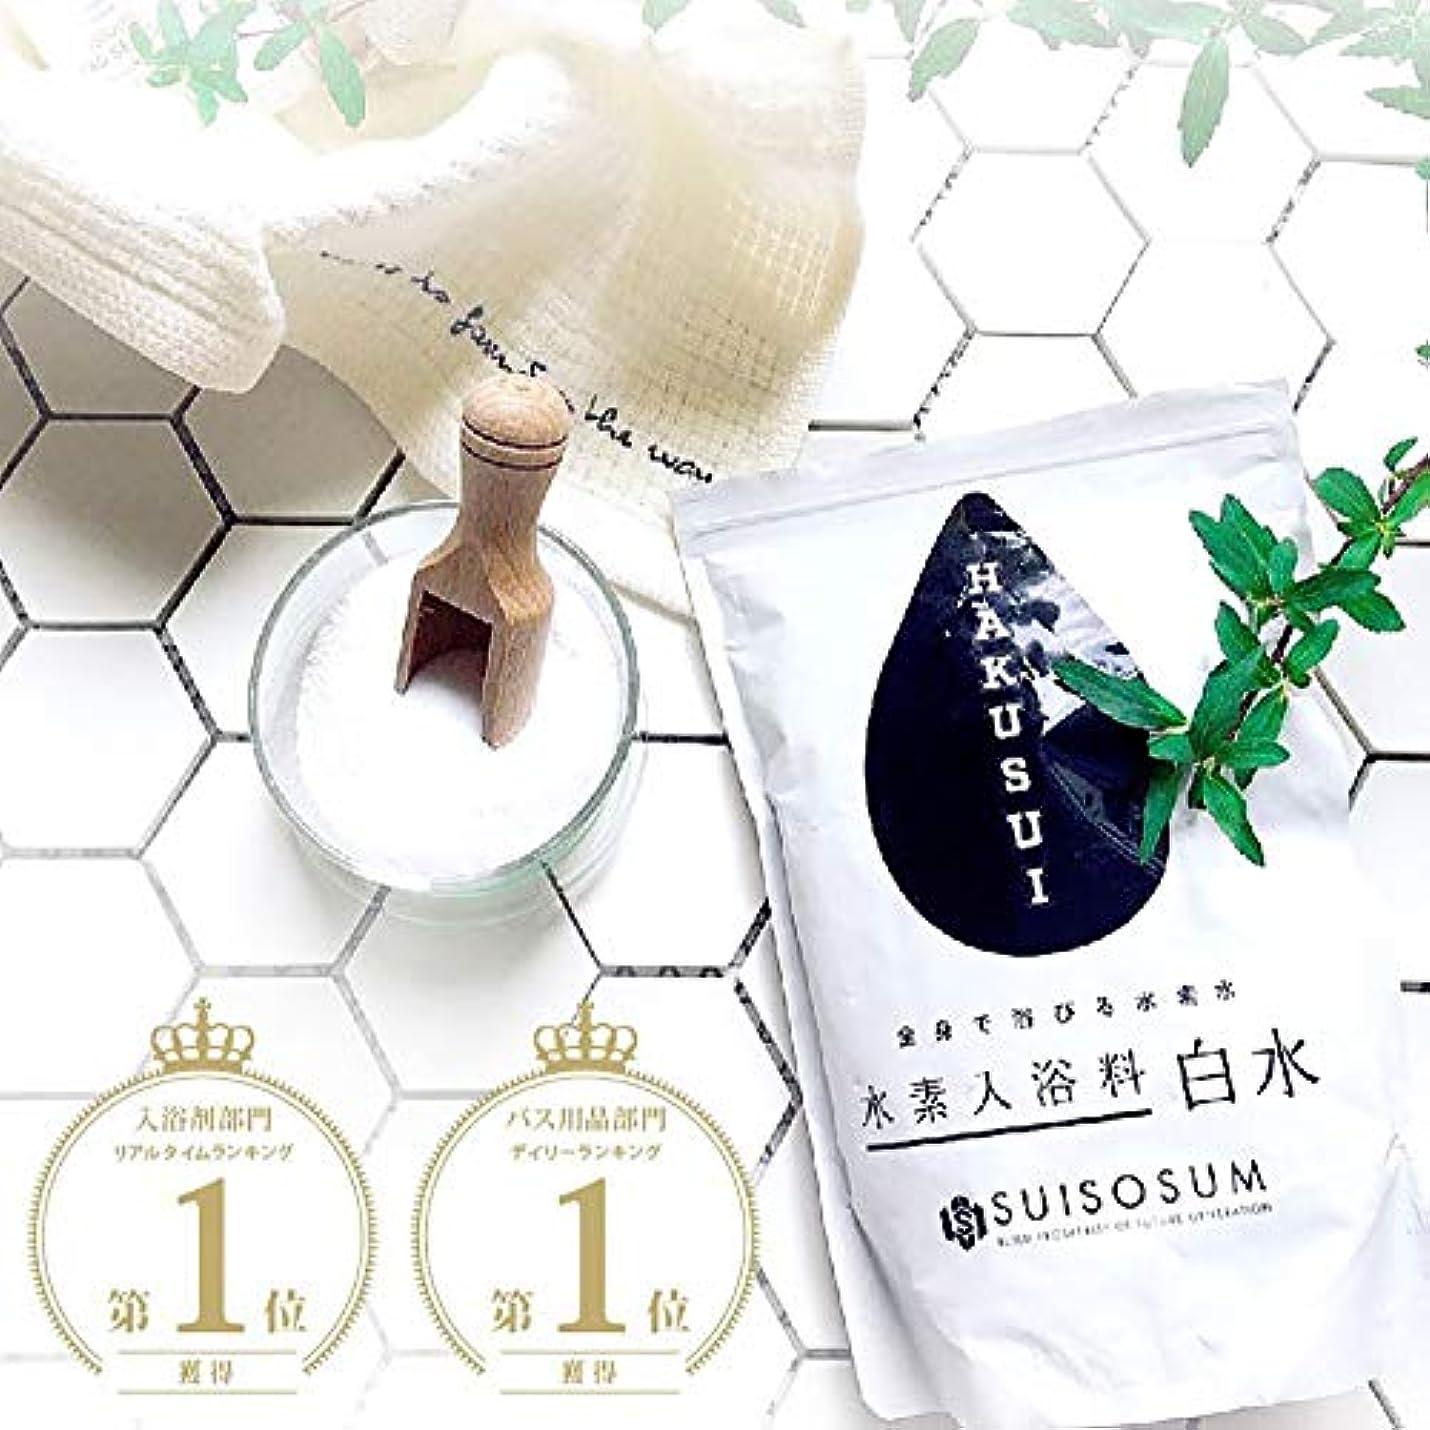 受ける同志フィードバック水素入浴剤 【HAKUSUI】(白水)750g 30回分〔温活 美肌 シルク湯 冷え性 水素入浴〕